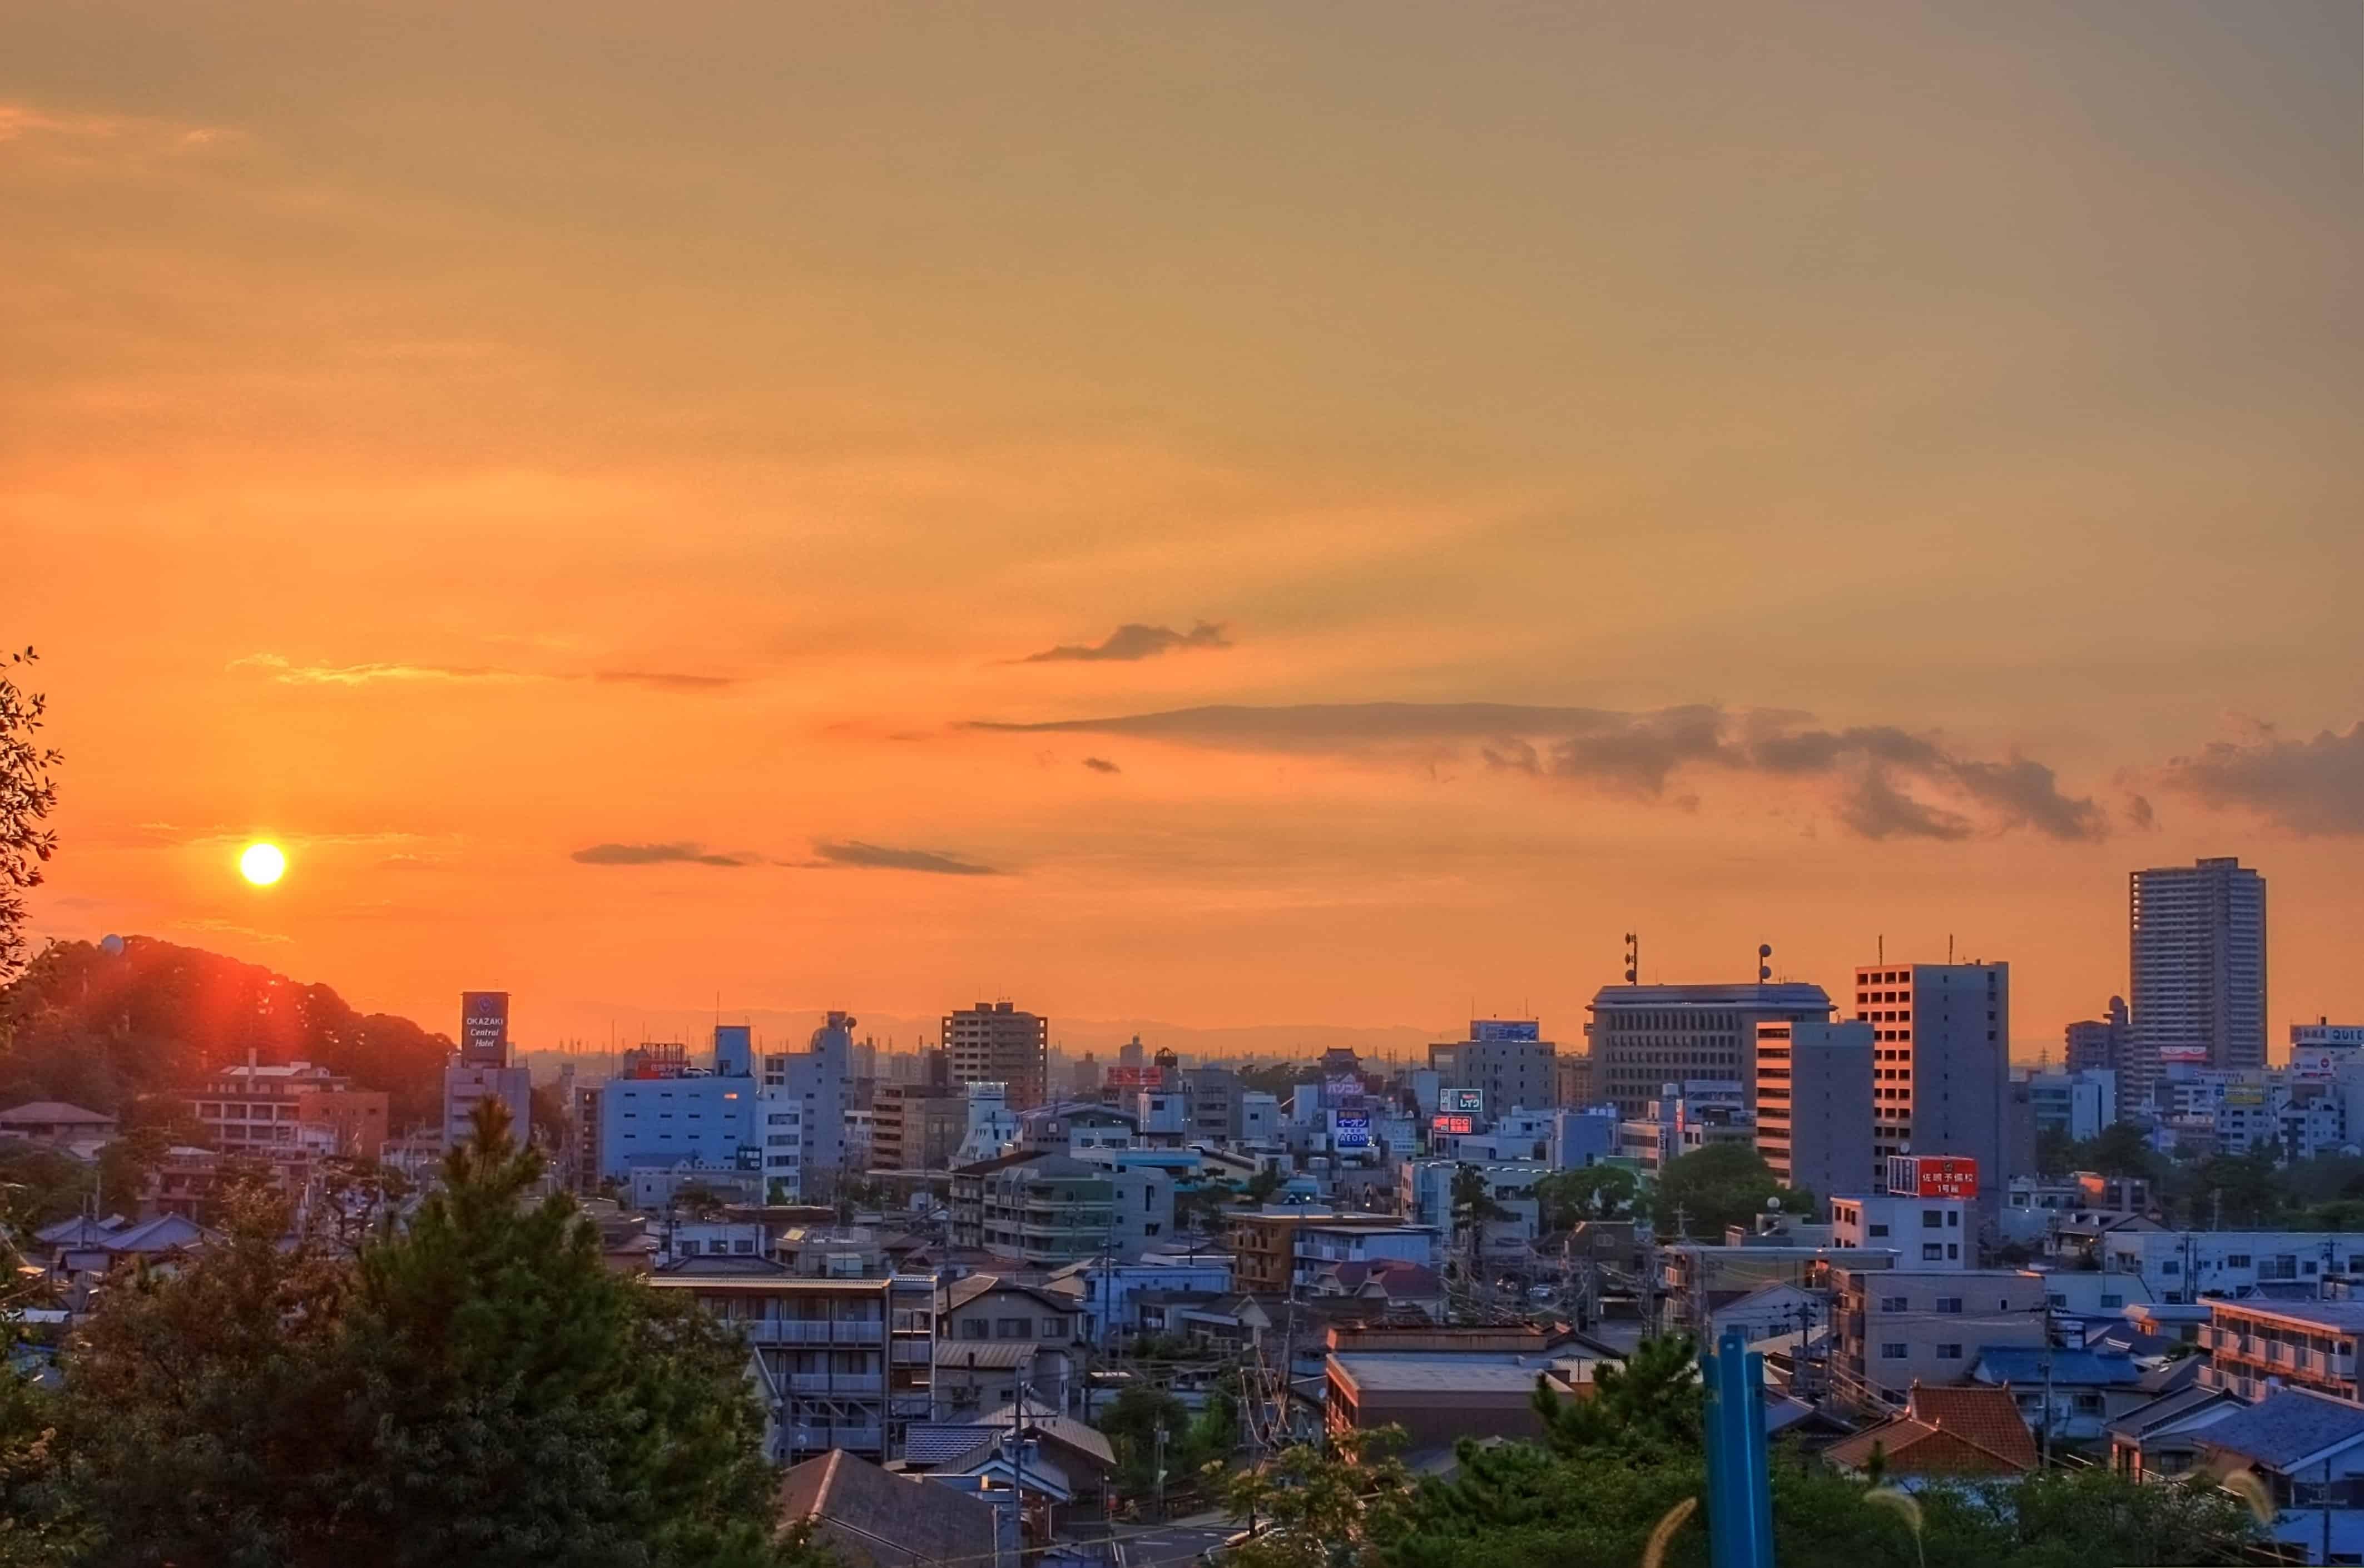 เมืองโอกาซากิ (Okazaki:岡崎市) จังหวัดไอจิ (Aichi)